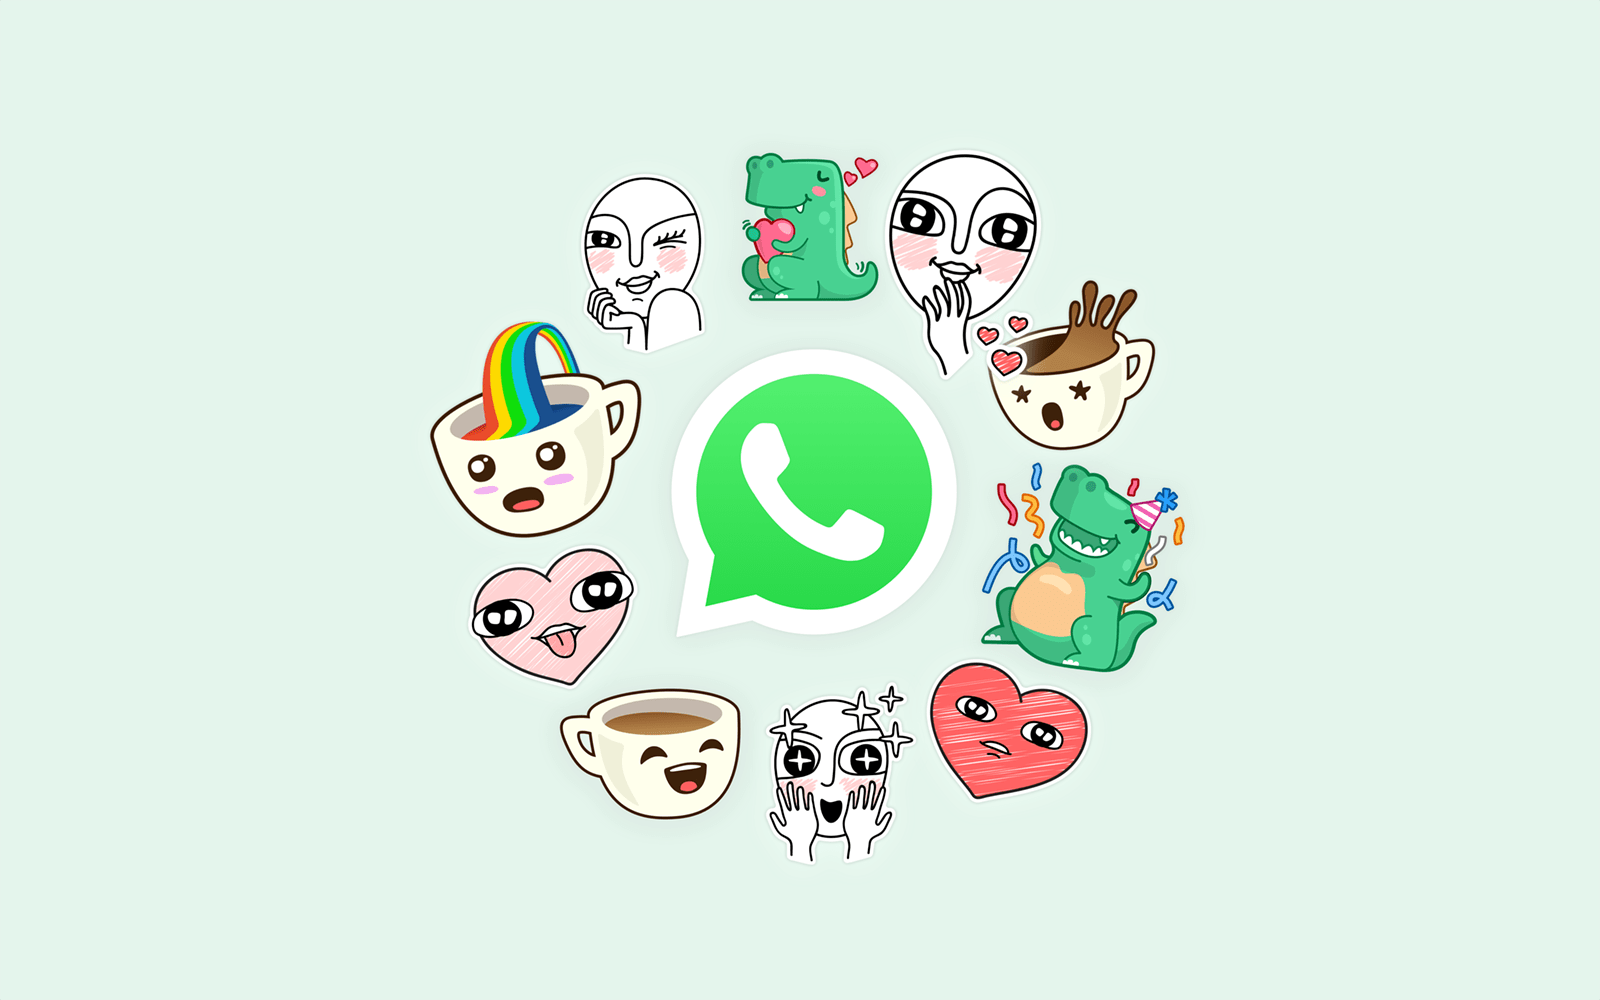 4_Hướng dẫn cách tạo hình dán sticker từ ảnh tự chọn cho WhatsApp